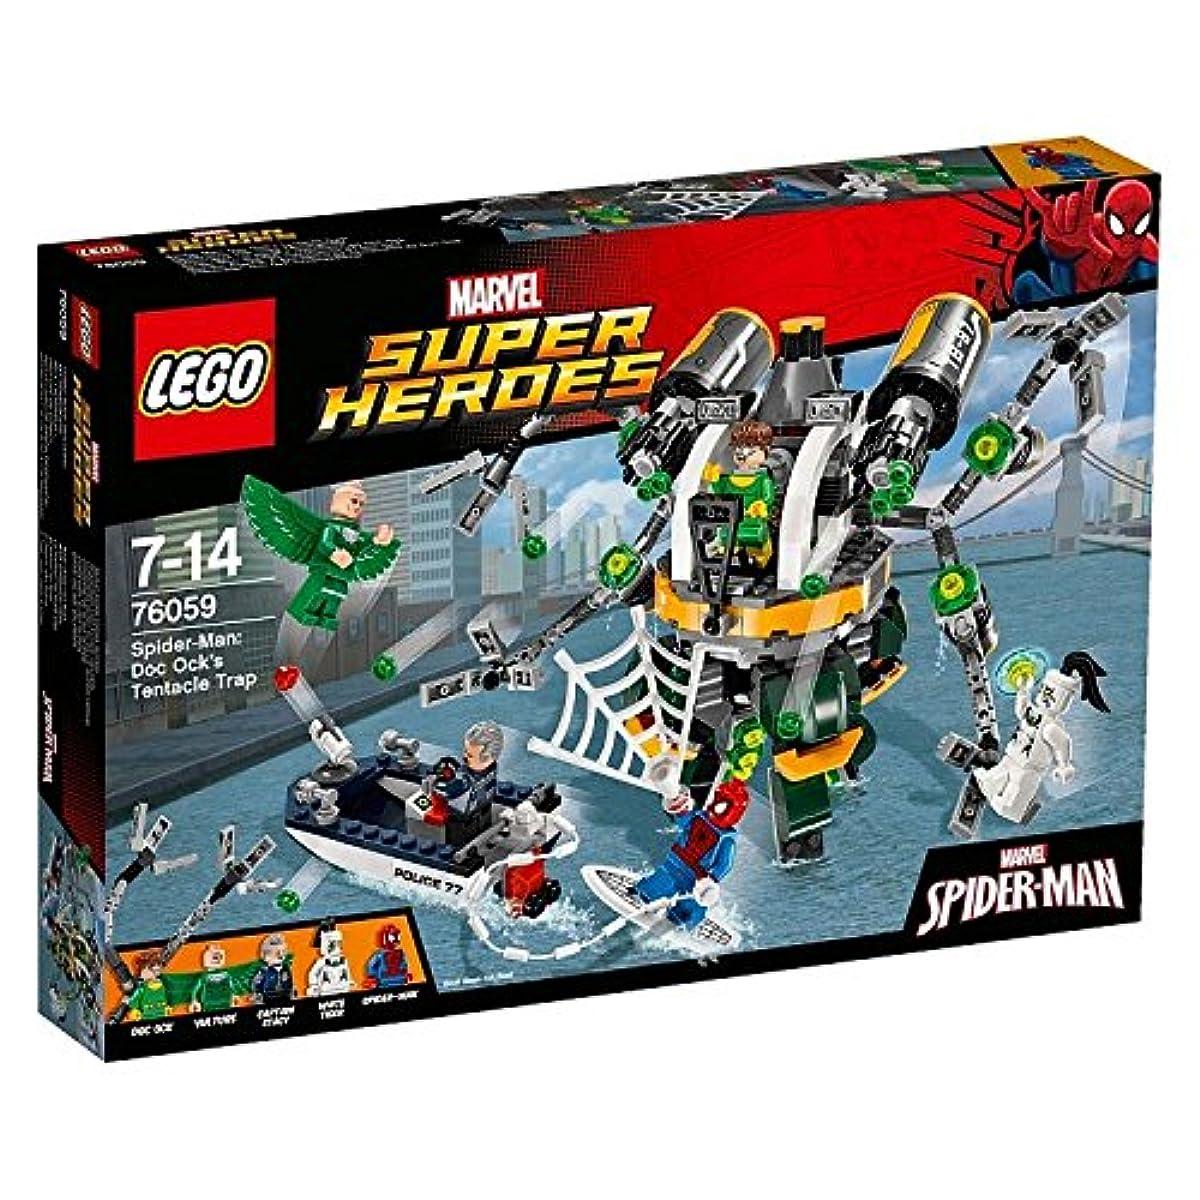 [해외] 레고 (LEGO) 슈퍼히어로즈 스파이더맨:Dock옷쿠의 촉수의 올가미 76059-76059 (2016-06-03)